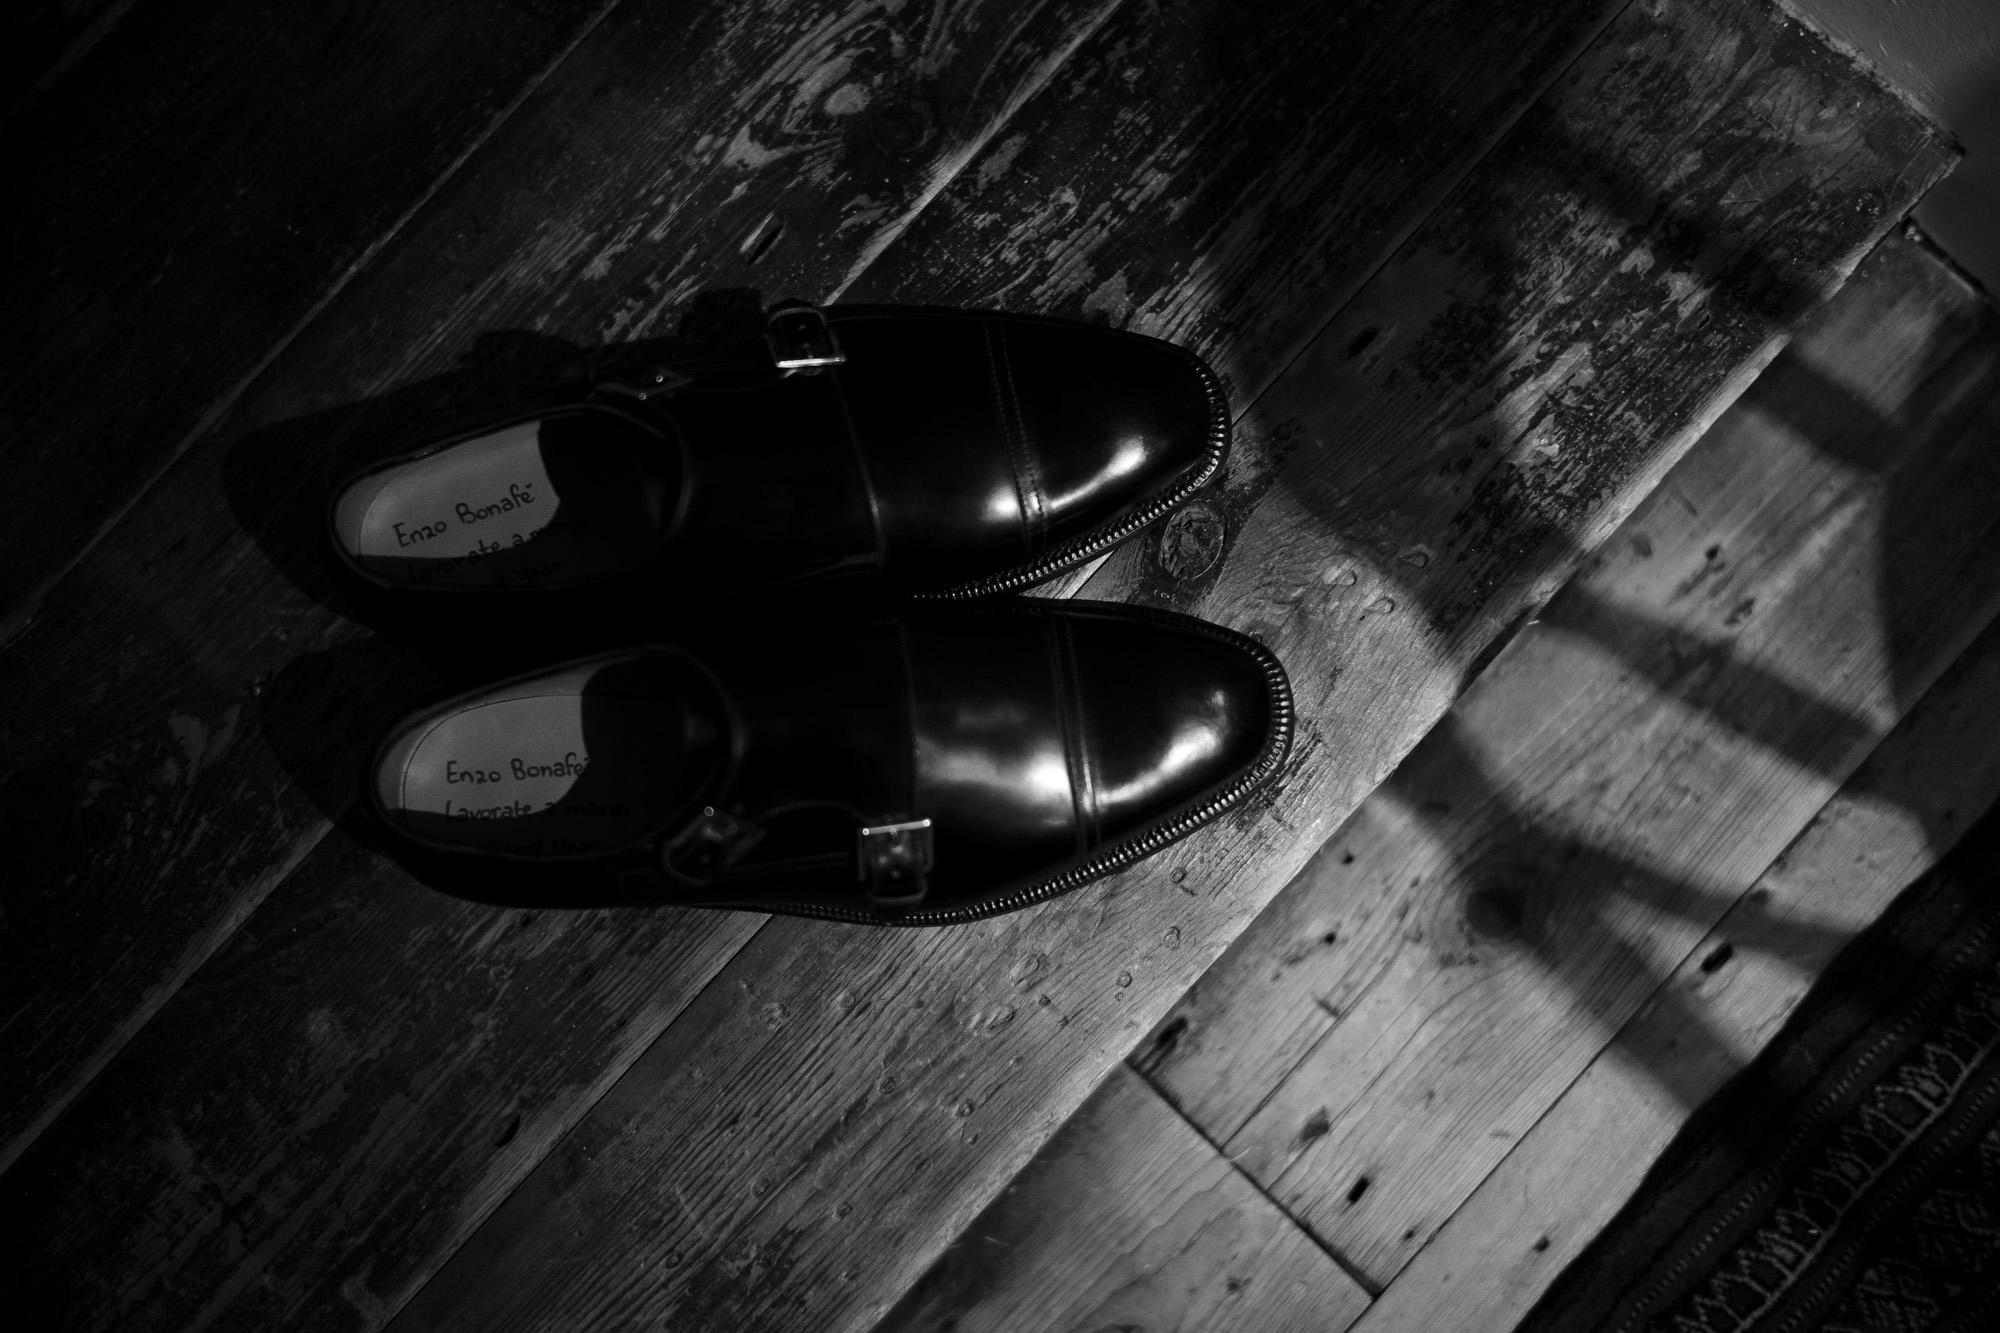 ENZO BONAFE(エンツォボナフェ) // EB-02 double monk strap shoes  NERO enzobonafe エンツォボナフェ 愛知 名古屋 ZODIAC ゾディアック ダブルモンクストラップシューズ ダブルモンク